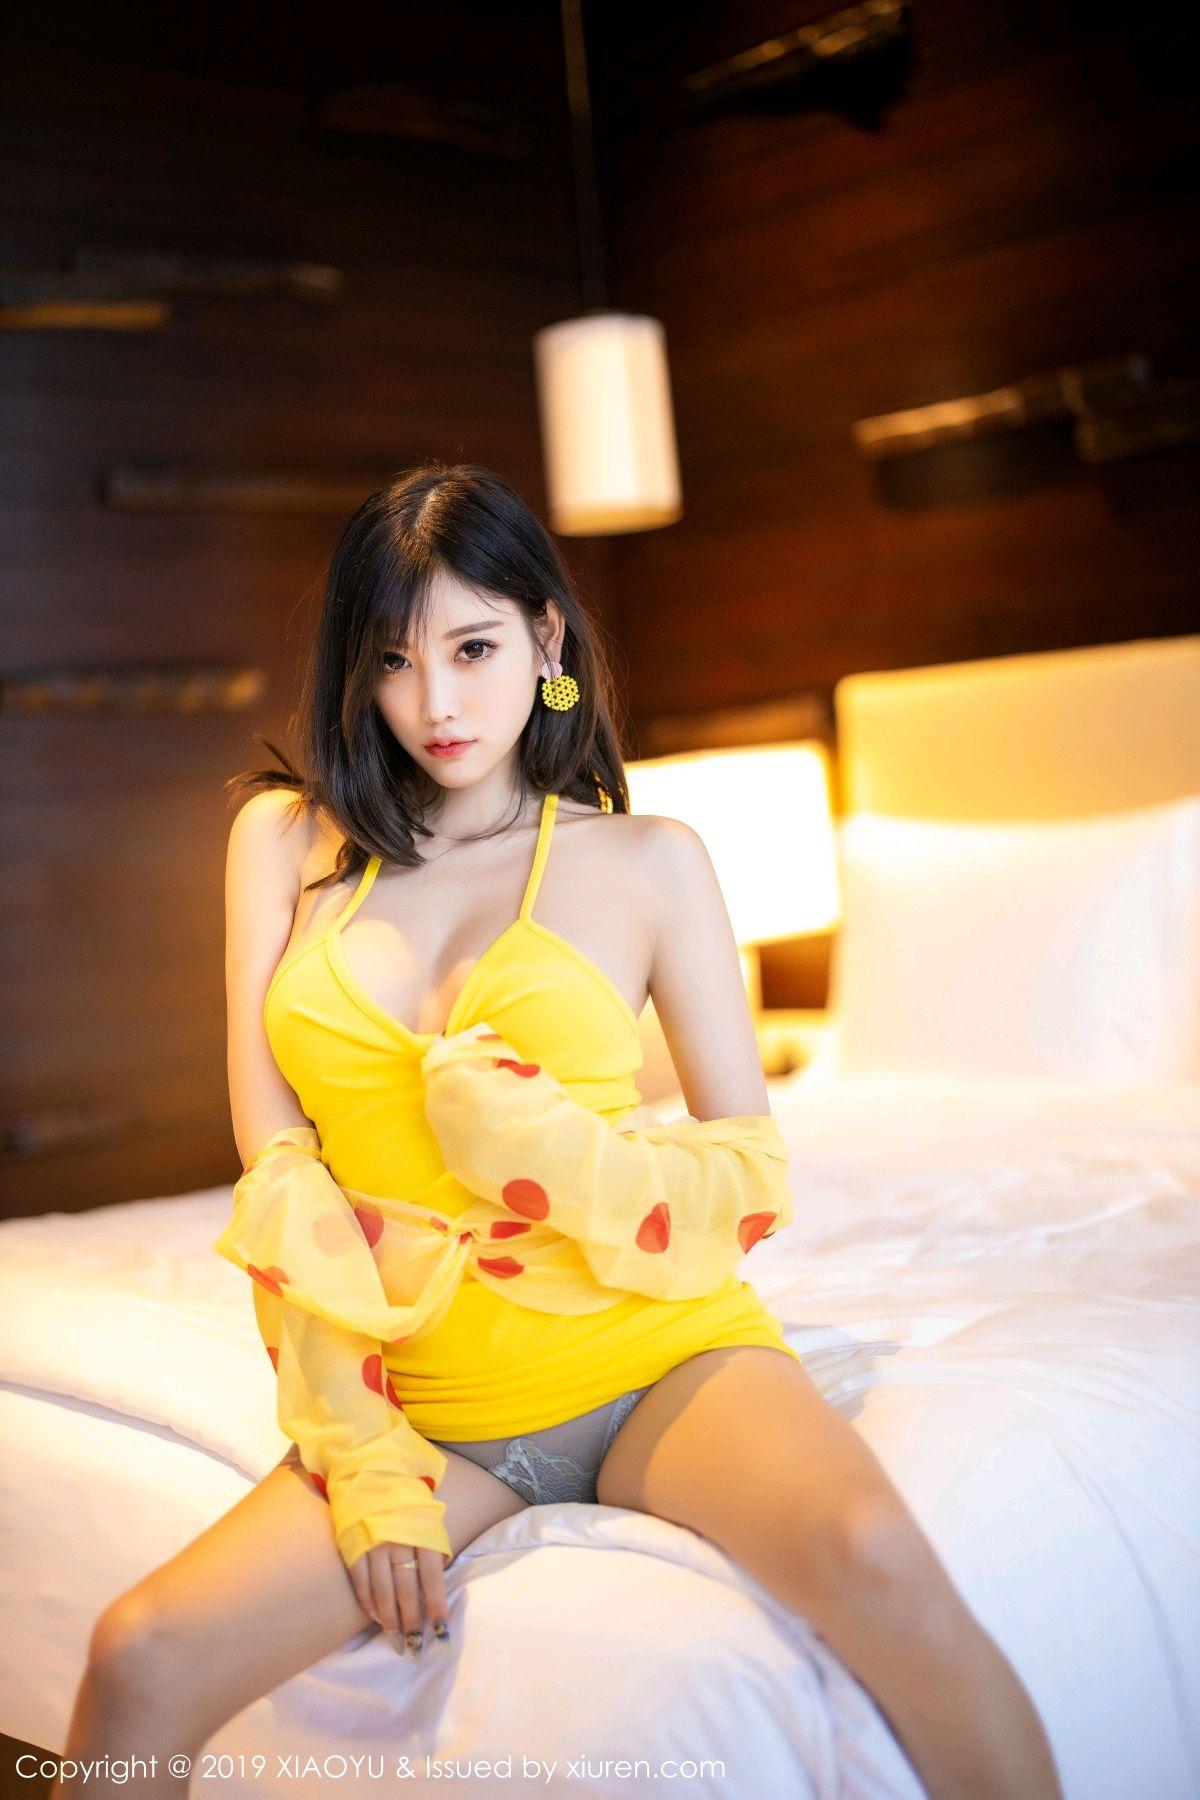 [XiaoYu] VOL.204 Yang Chen Chen 20P, Pure, XiaoYu, Yang Chen Chen